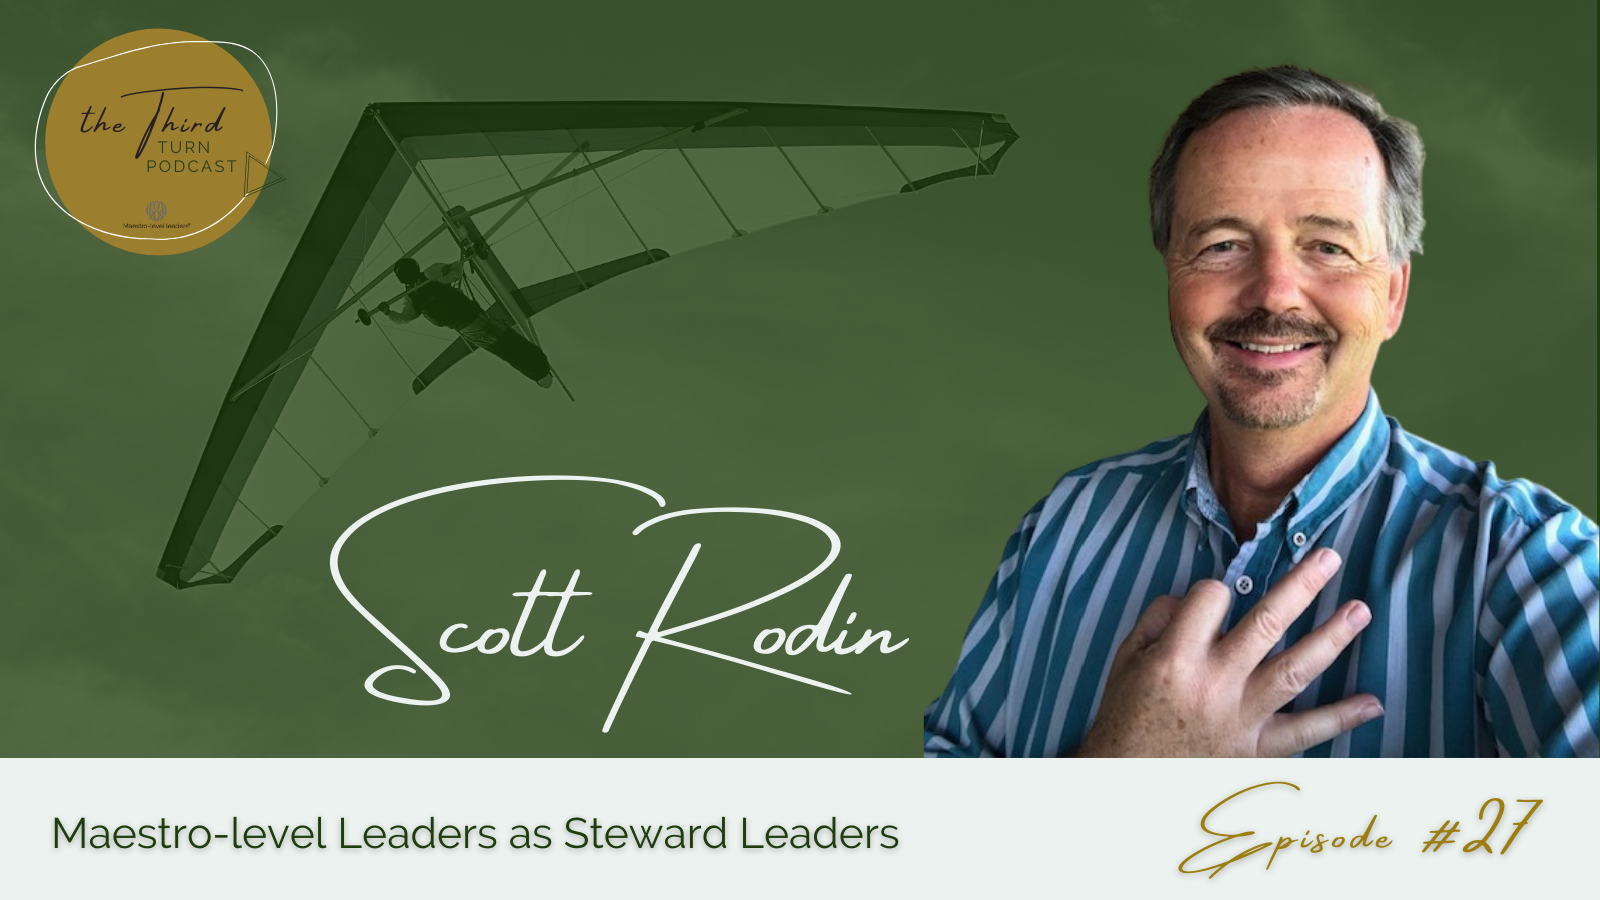 Maestro-level Leaders as Steward Leaders